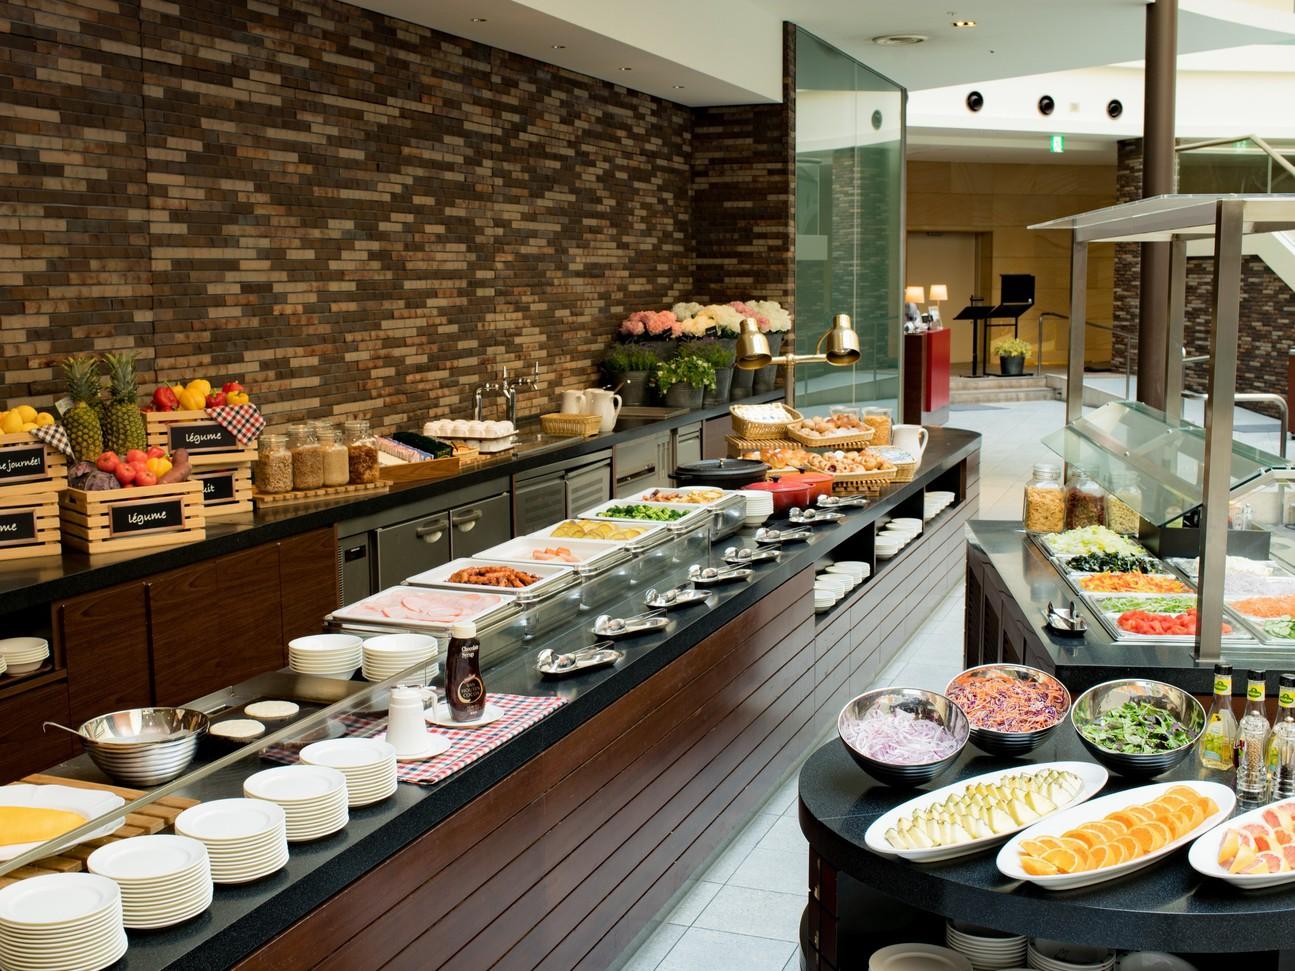 東京ベイ舞浜ホテル 関連画像 16枚目 楽天トラベル提供